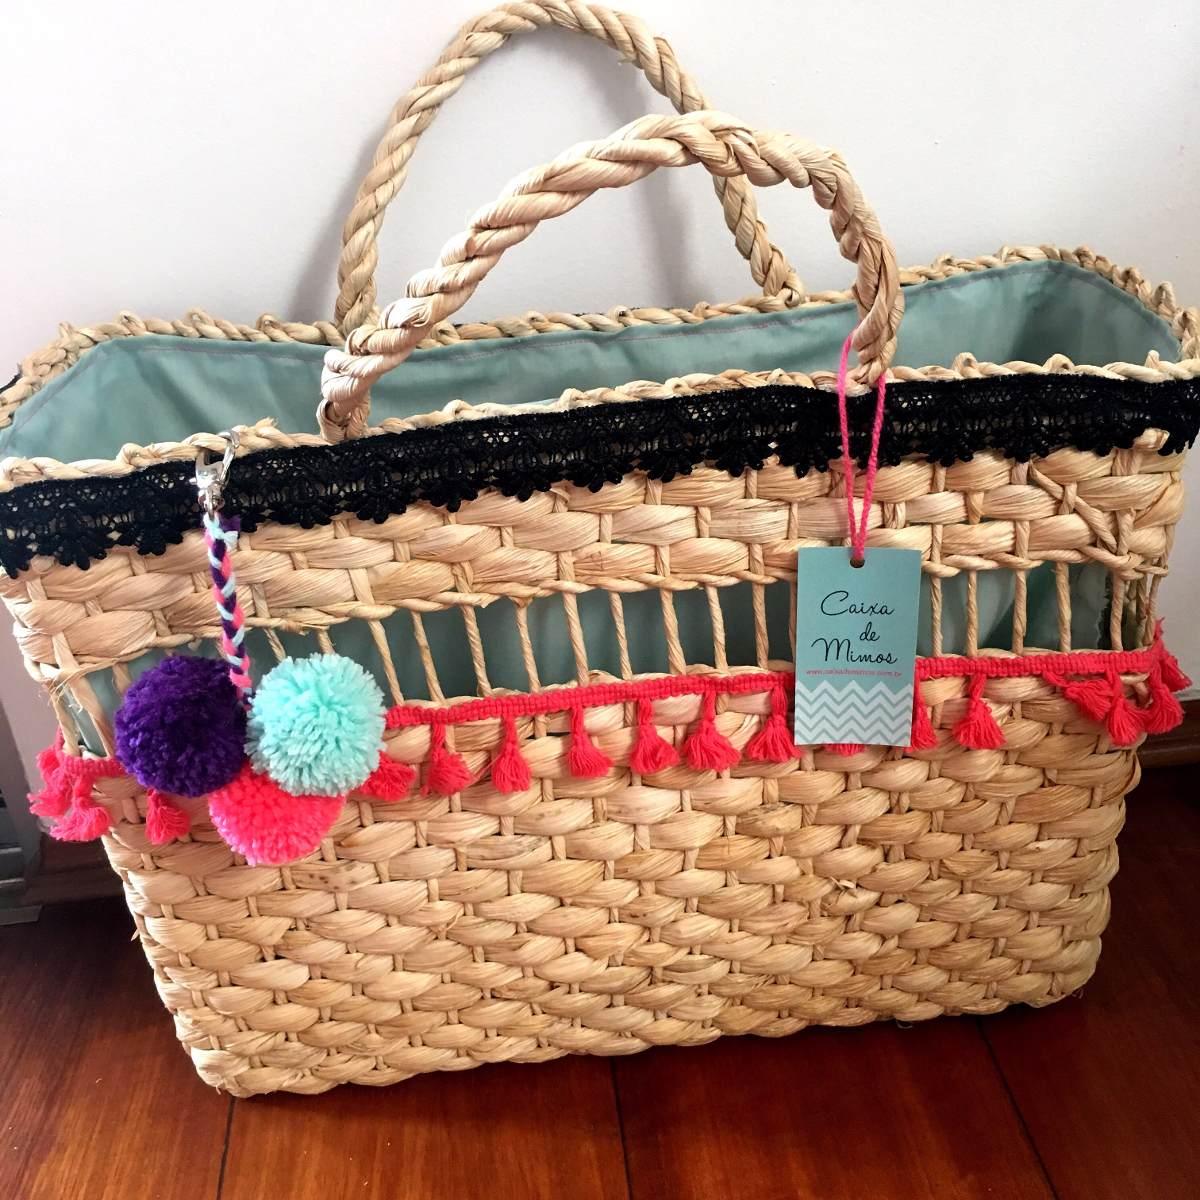 Bolsa De Palha Para Casamento : Bolsa palha pompons personalizada iniciais artesanal praia